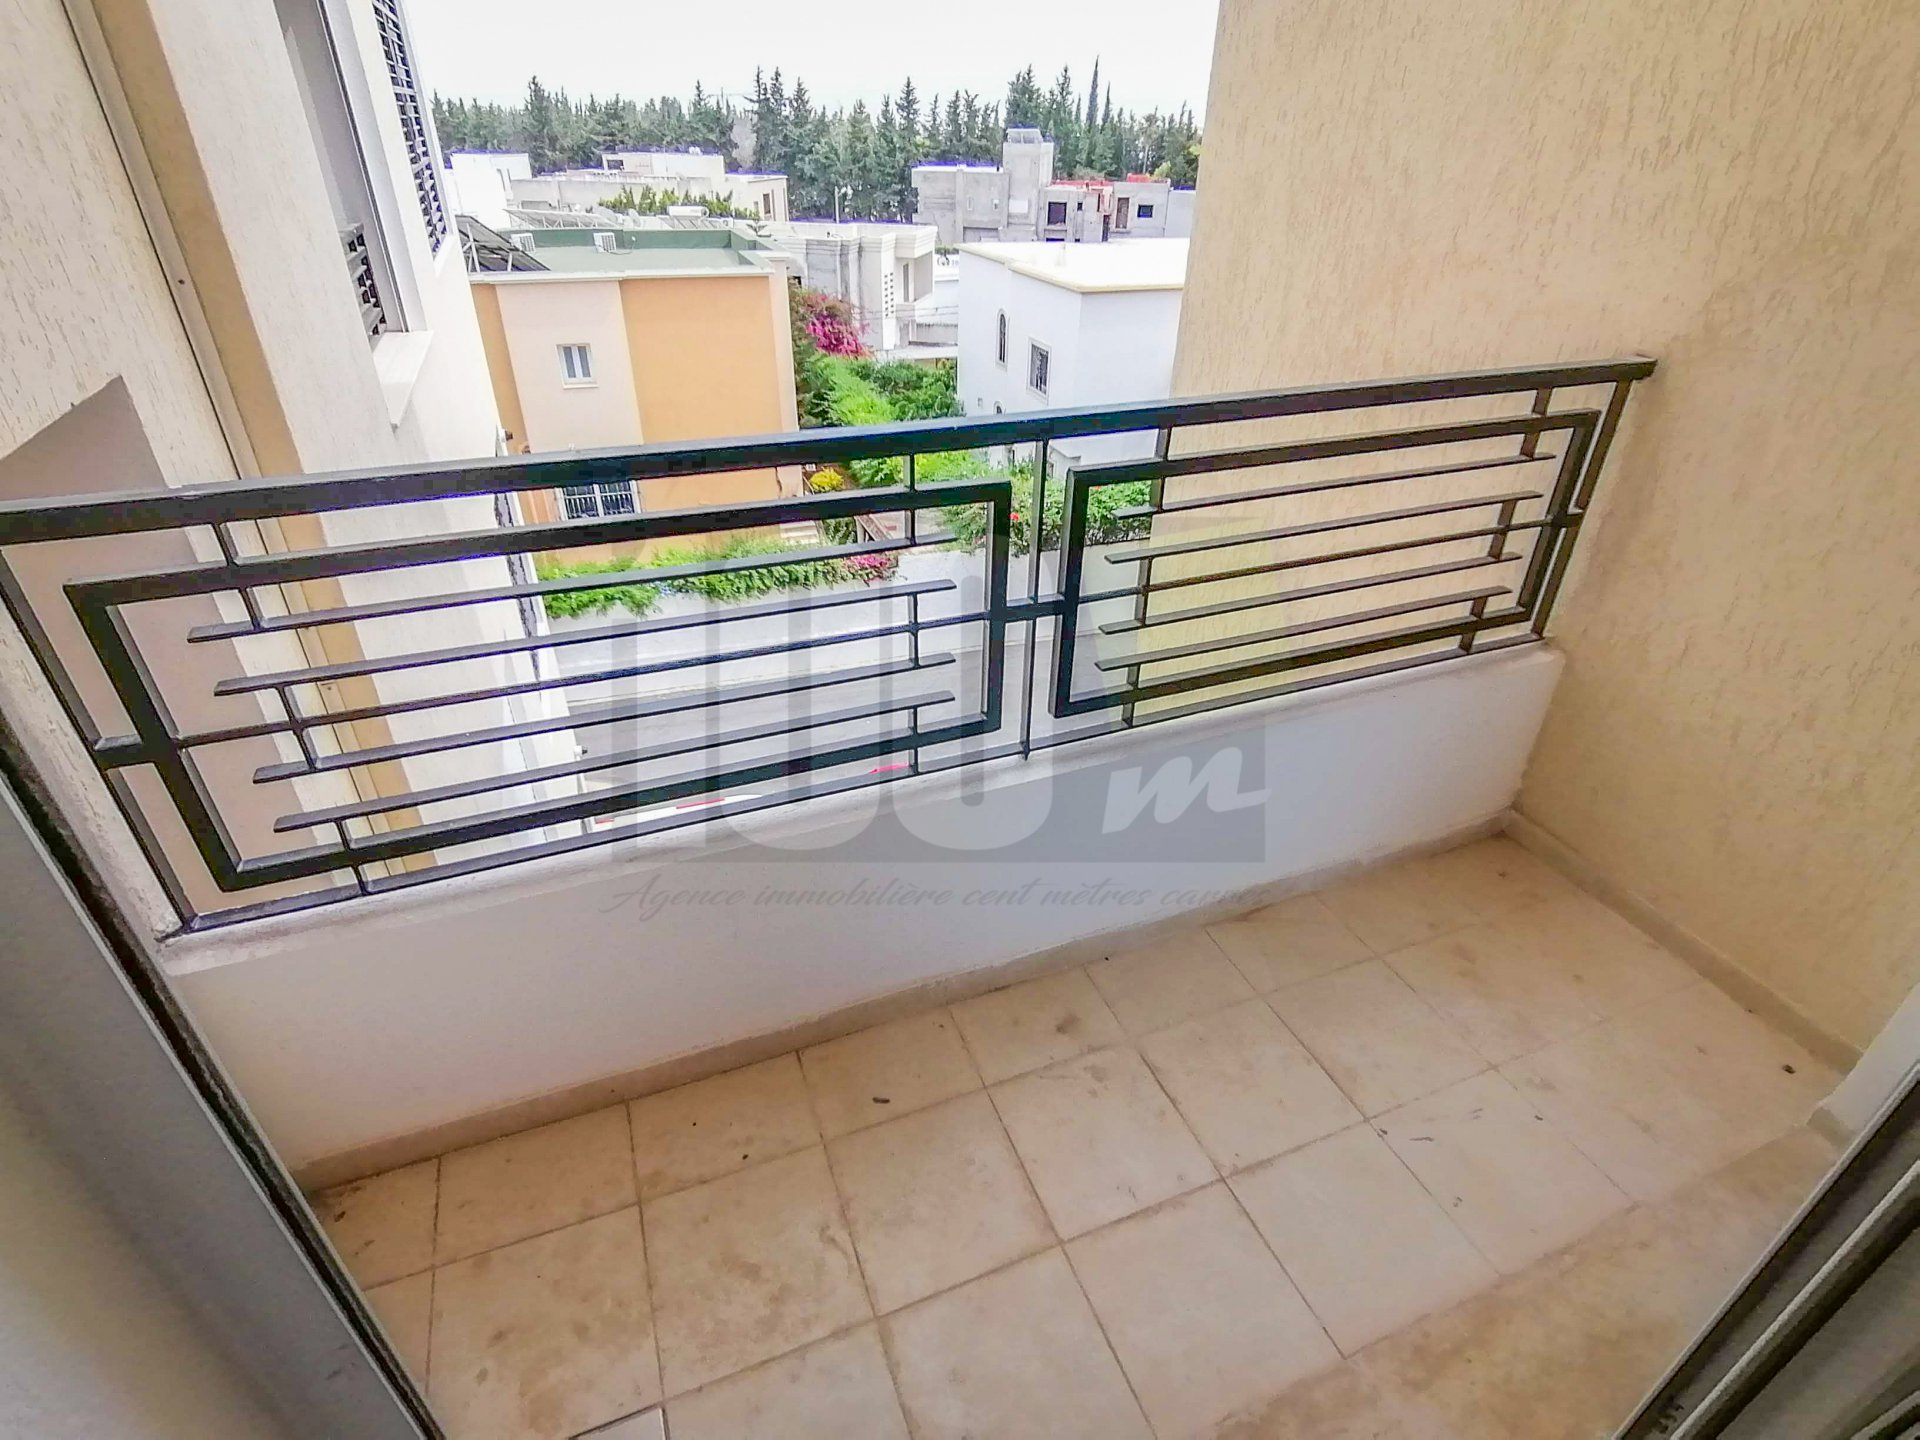 Vente appartement S+3 neuf de 166 m² à La Mannouba